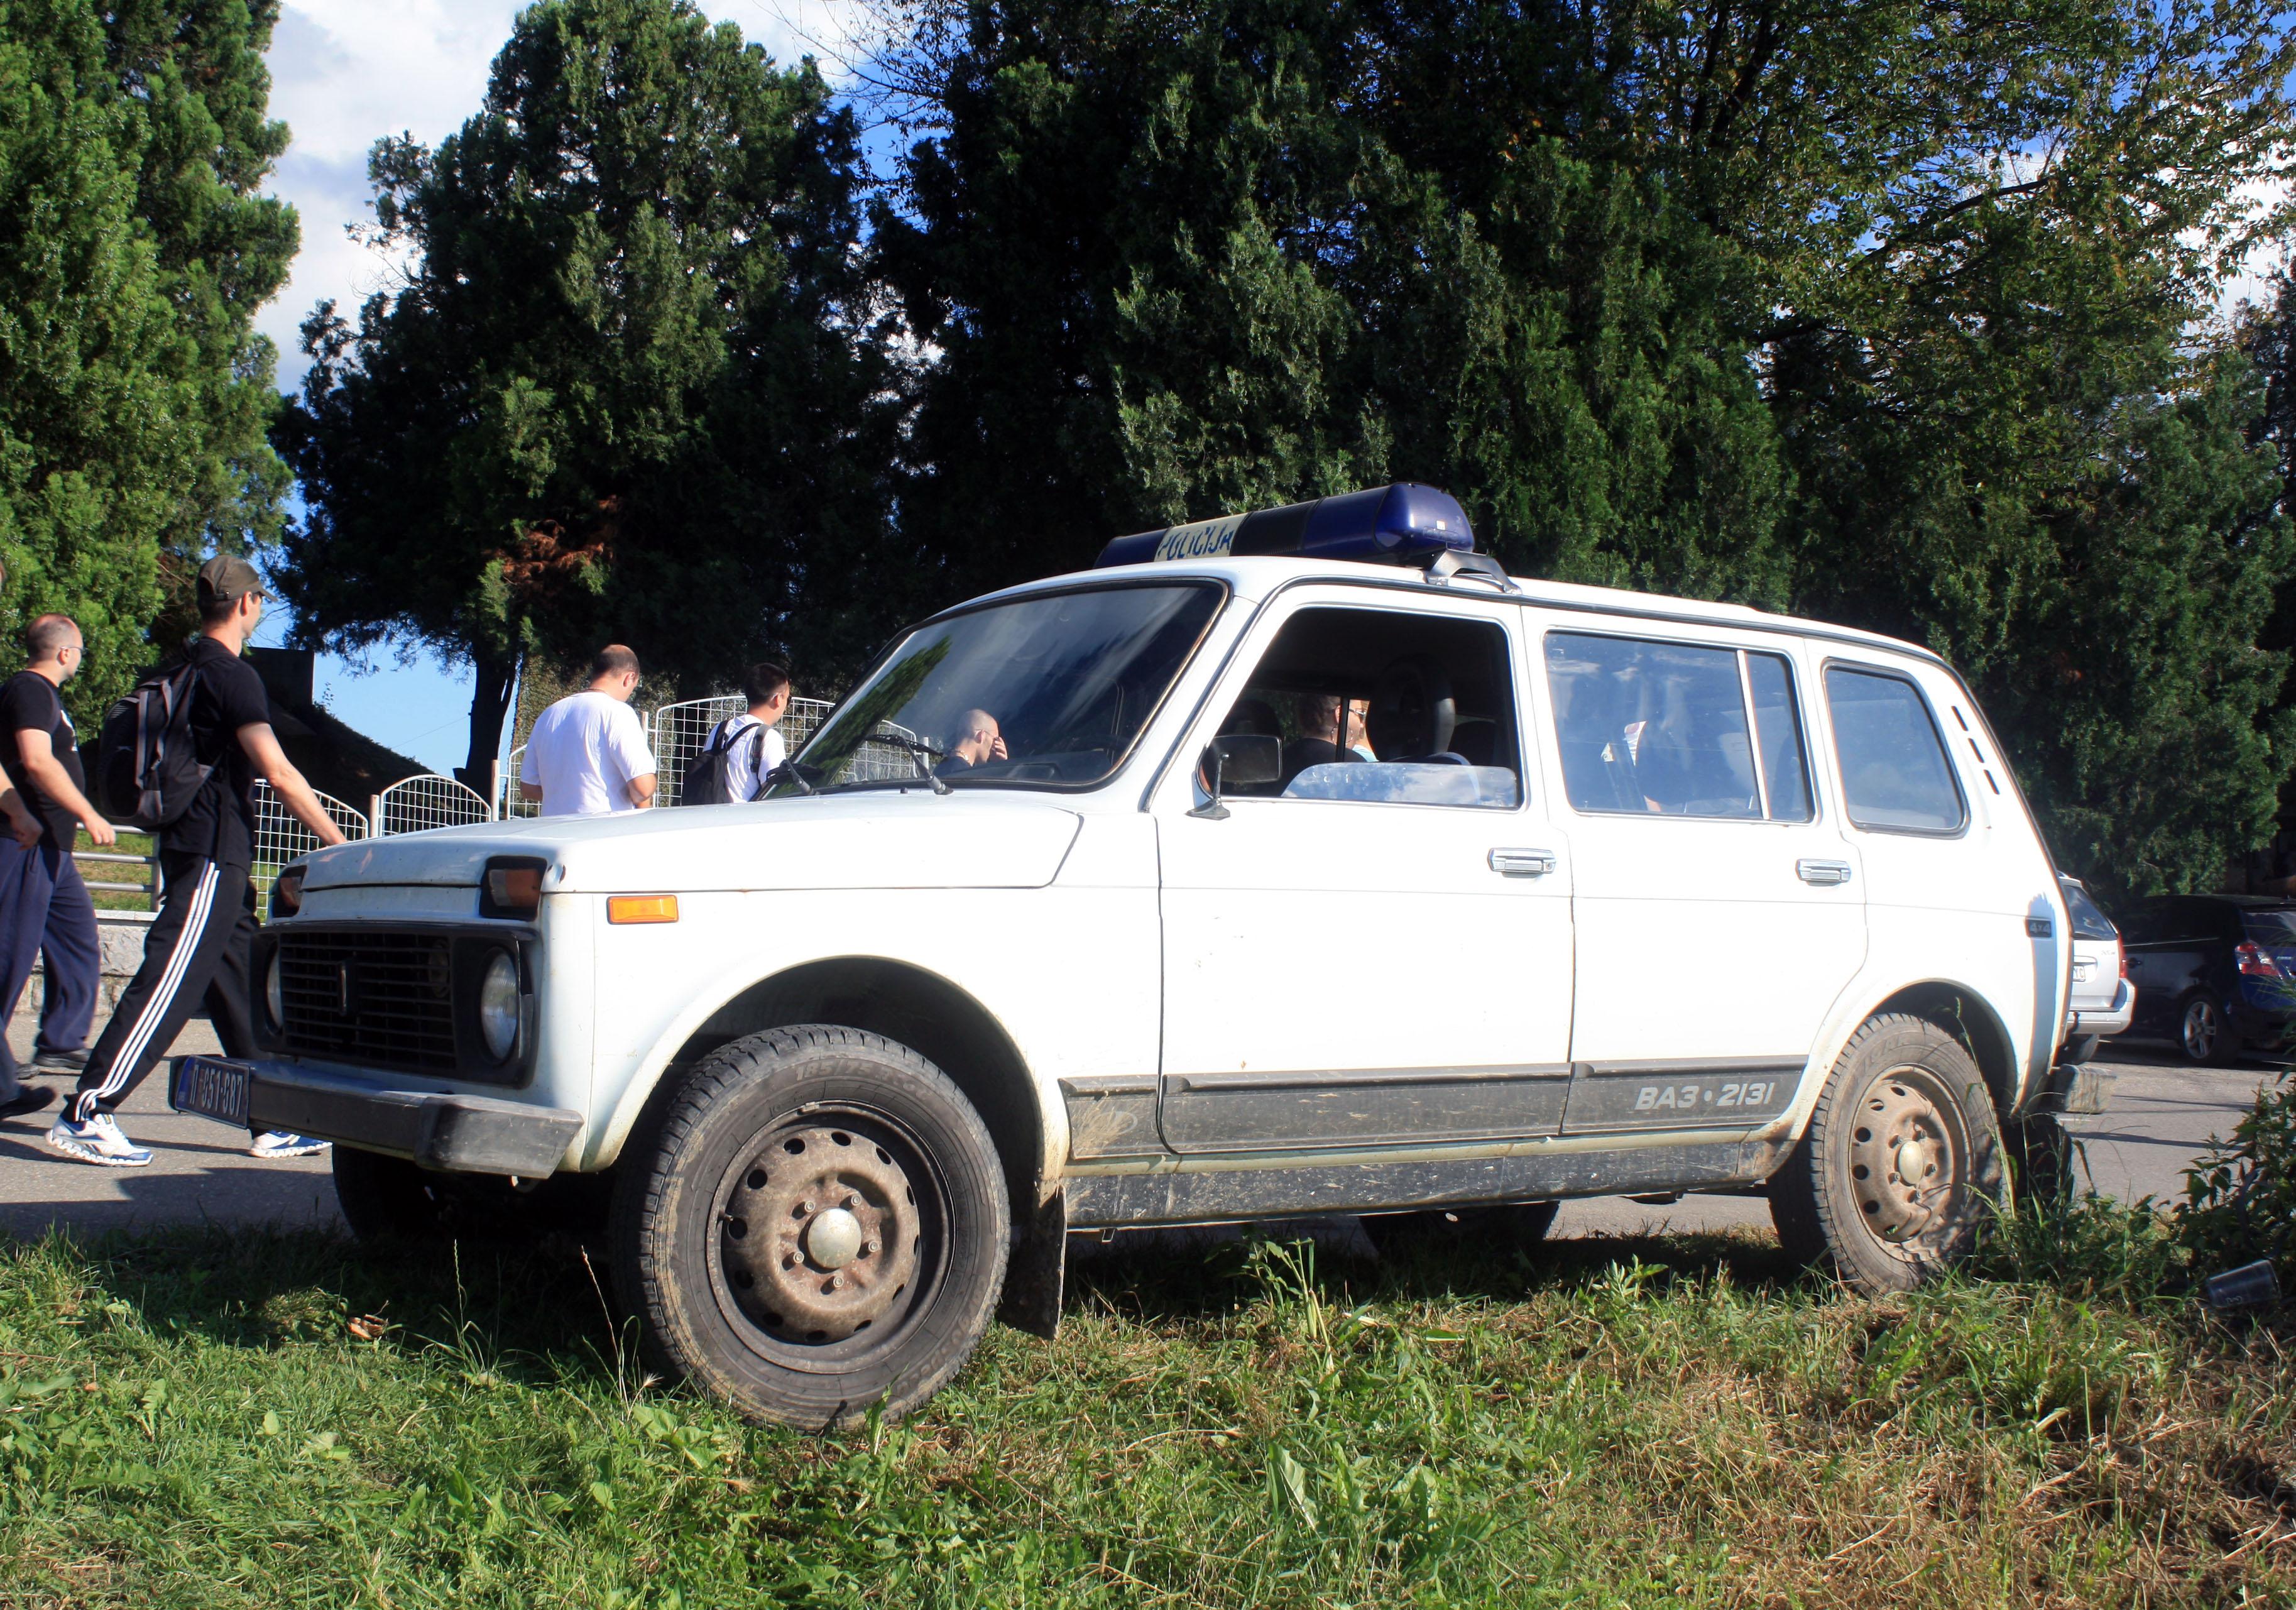 File:Lada Niva VAZ-2131 Policija.jpg